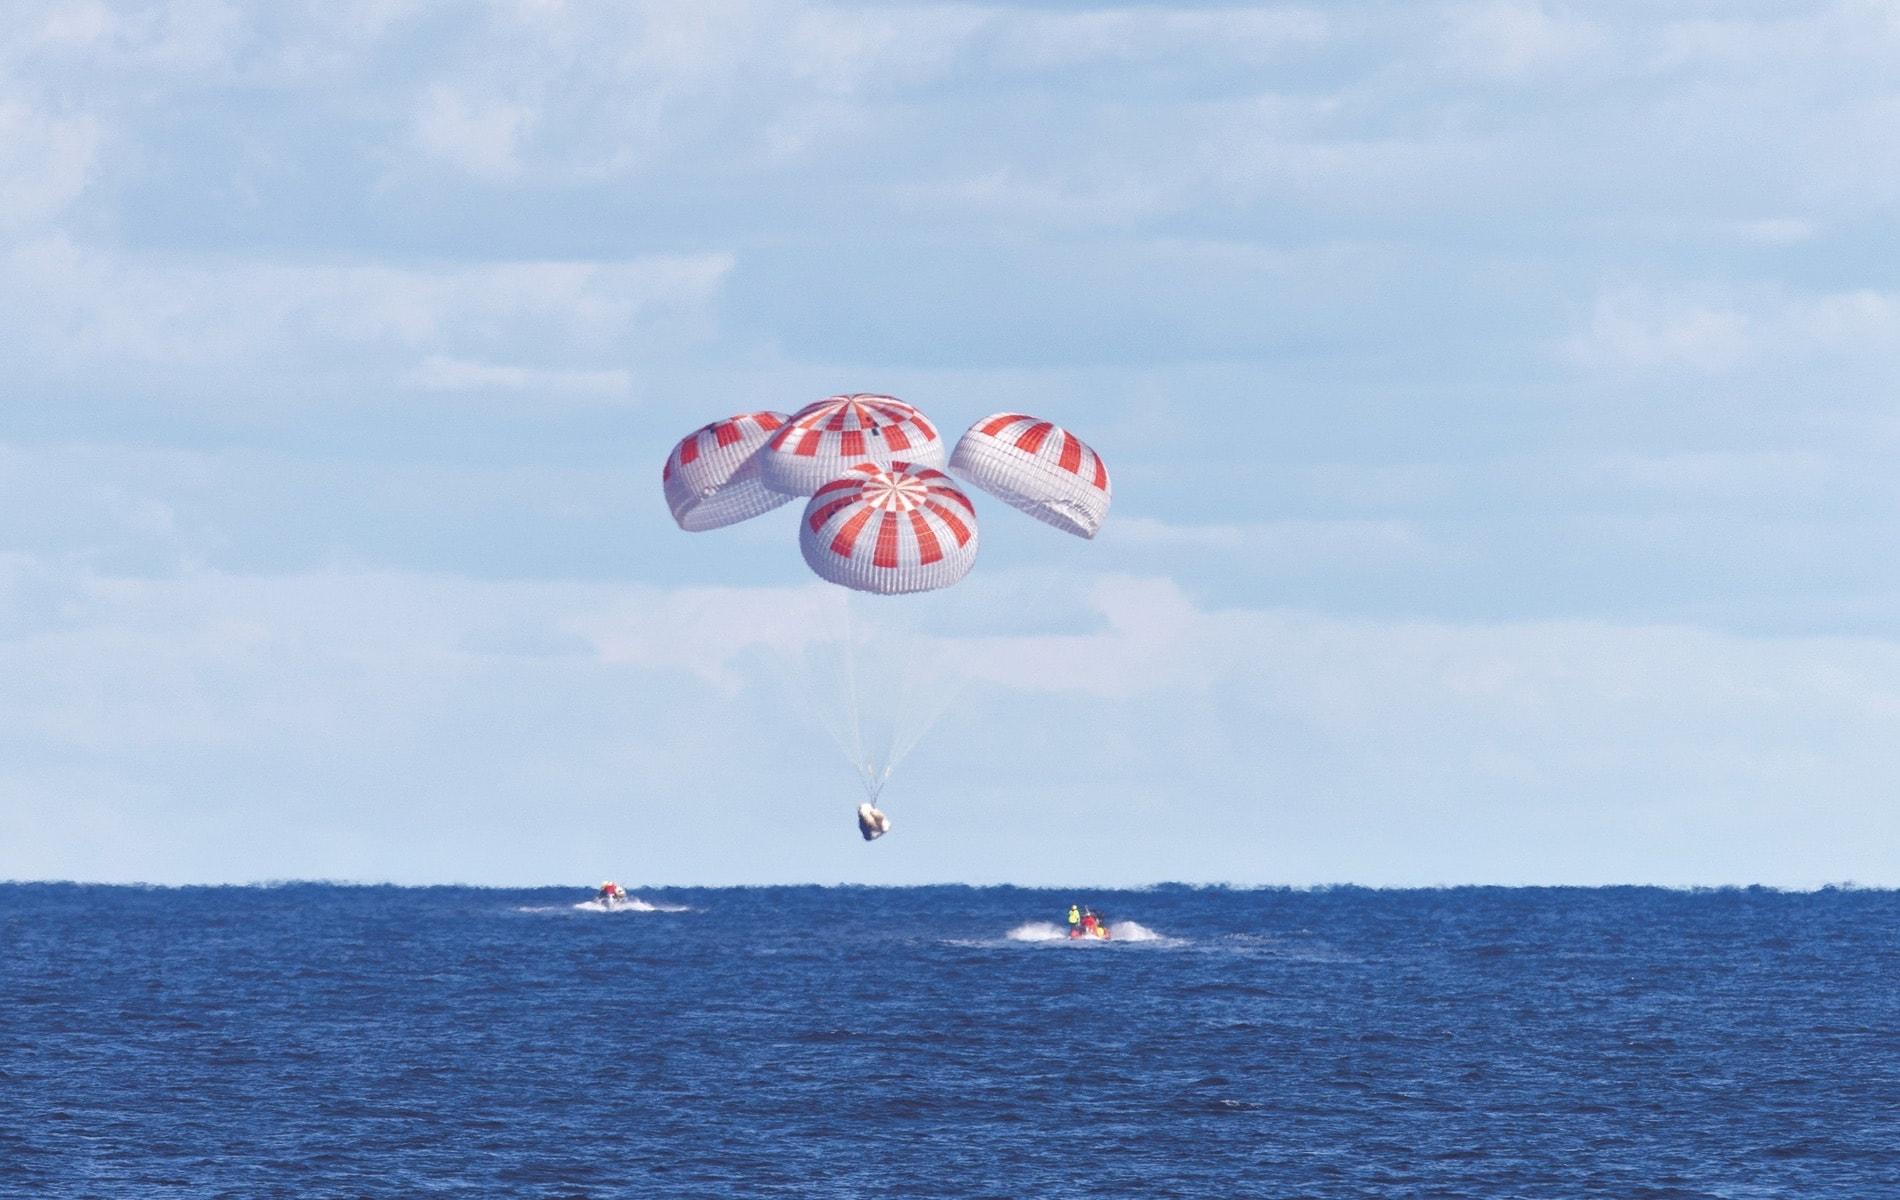 SpaceX Crew Dragon Endeavour spacecraft, SpaceX, NASA, Pensacola Florida